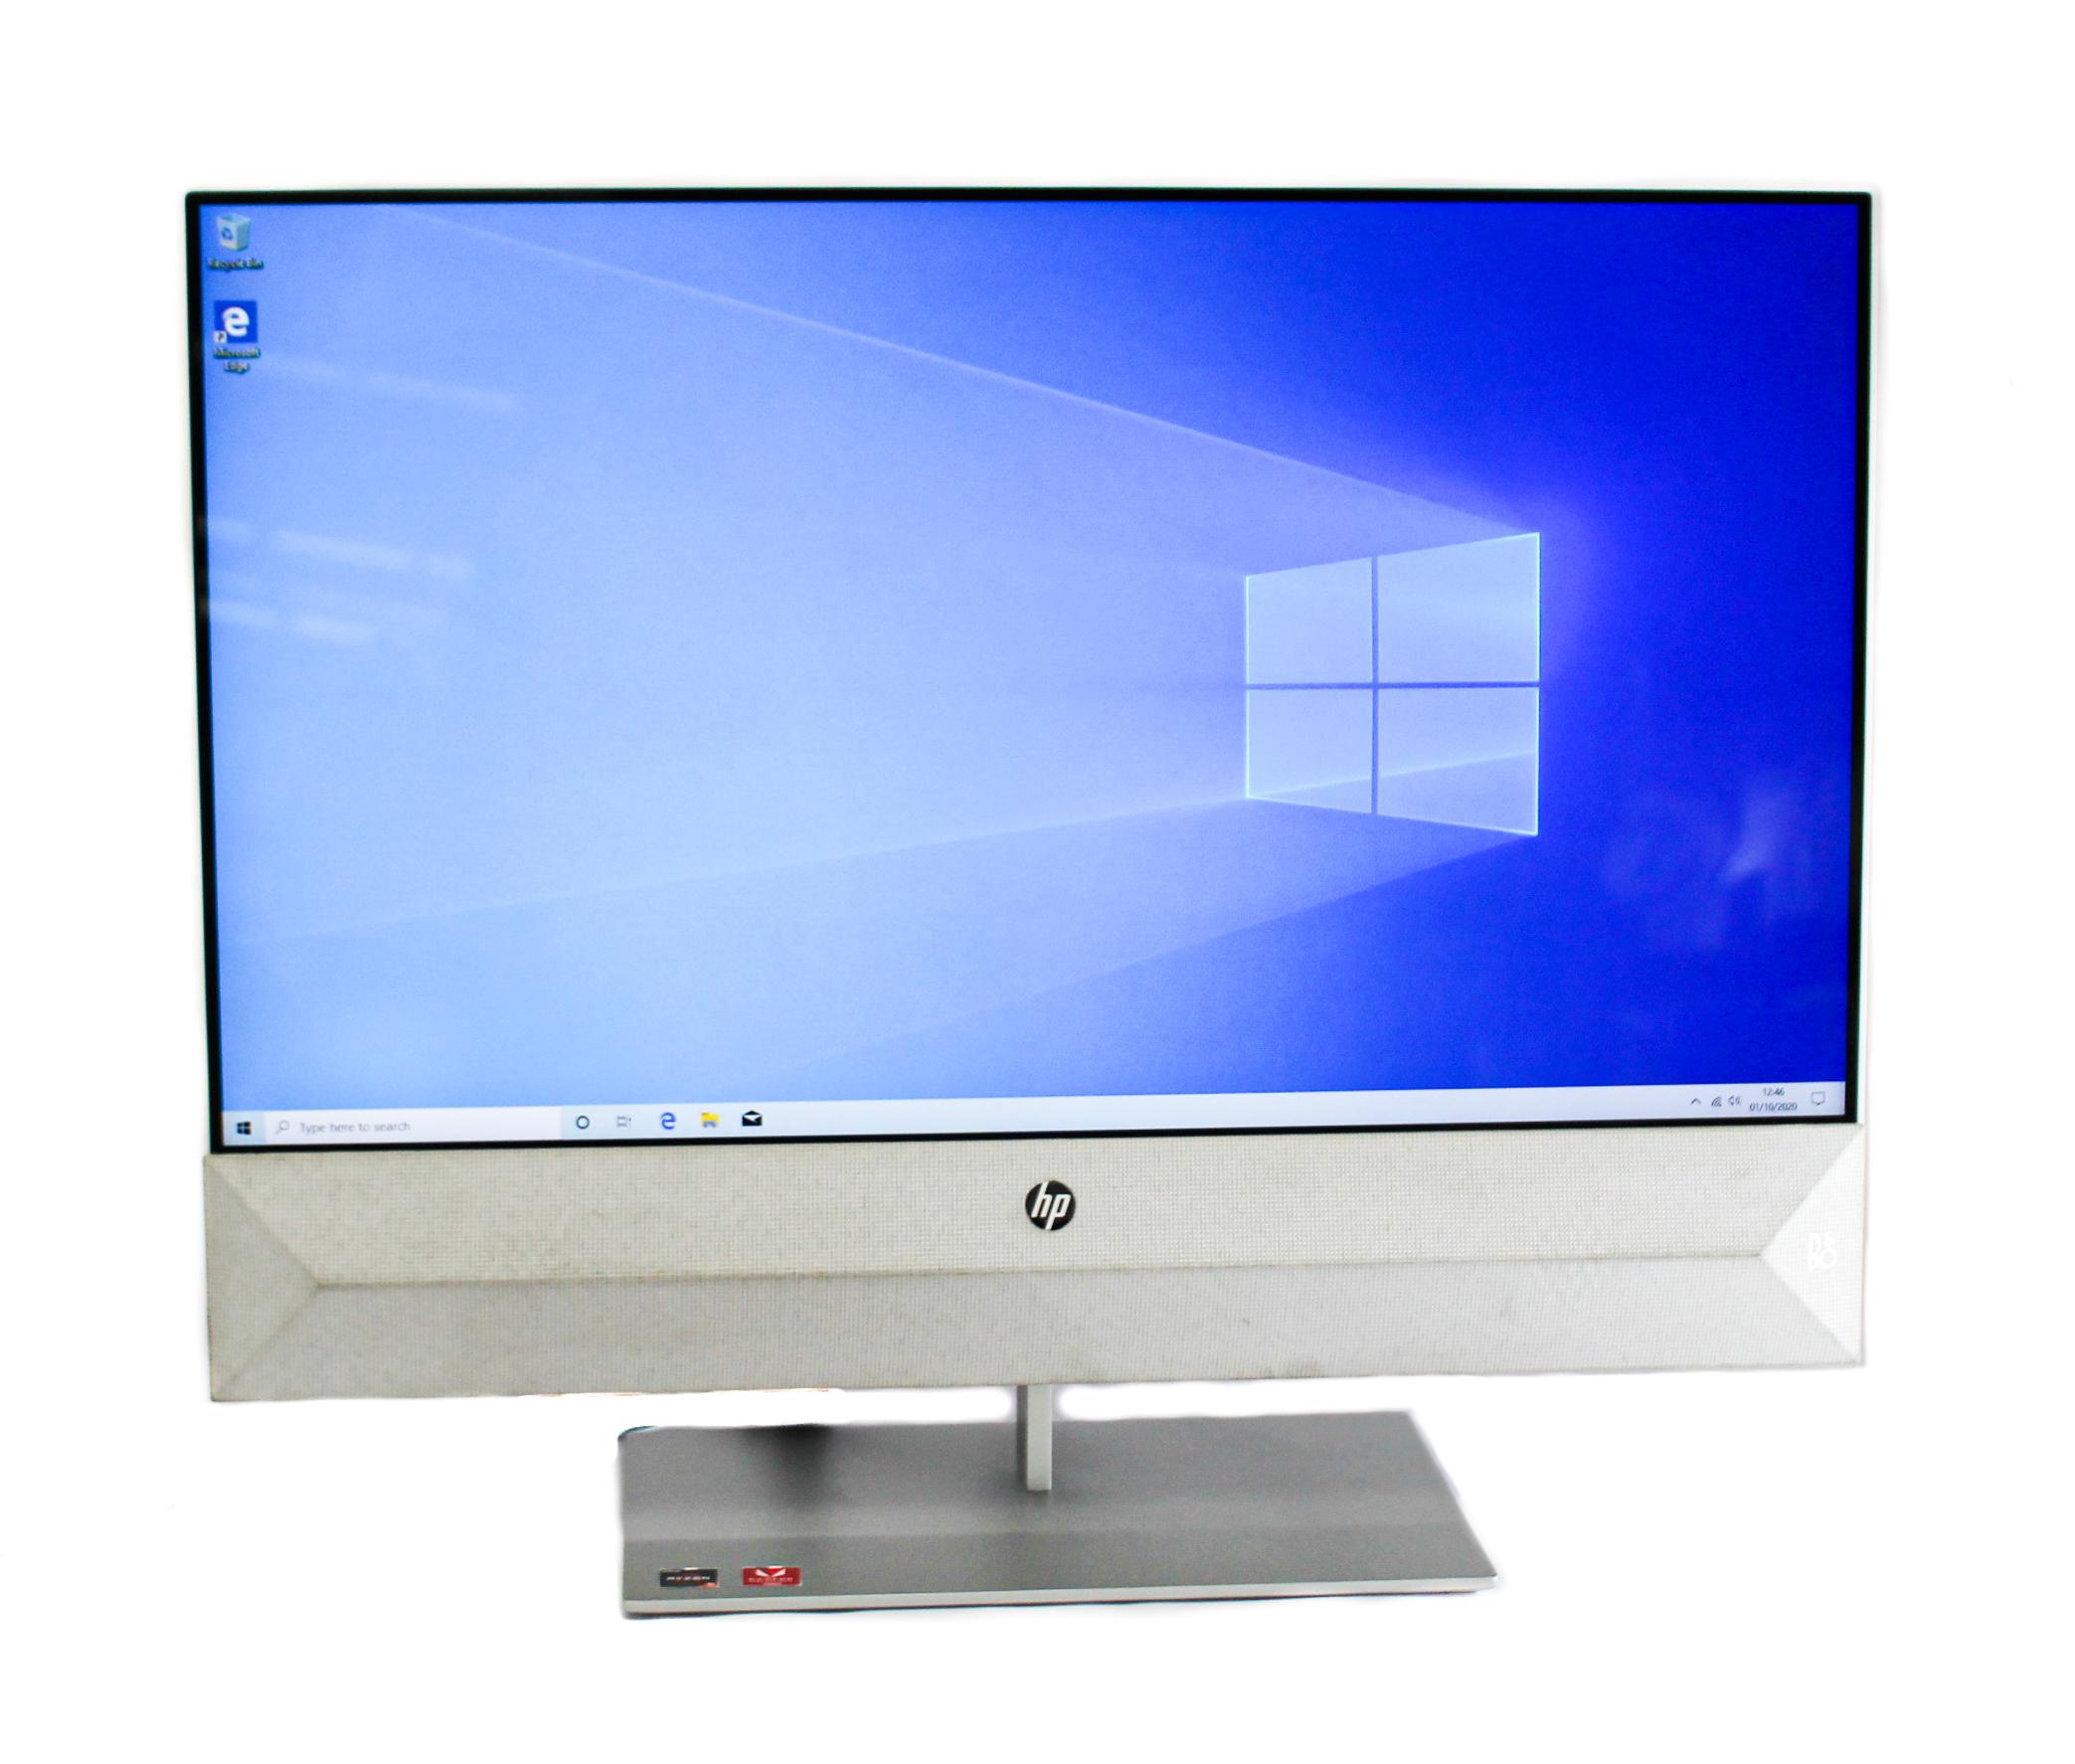 """HP Pavilion 24-xa0181na 23.8"""" AiO PC AMD Ryzen 5/256GB SSD/1TB HDD/16GB RAM"""